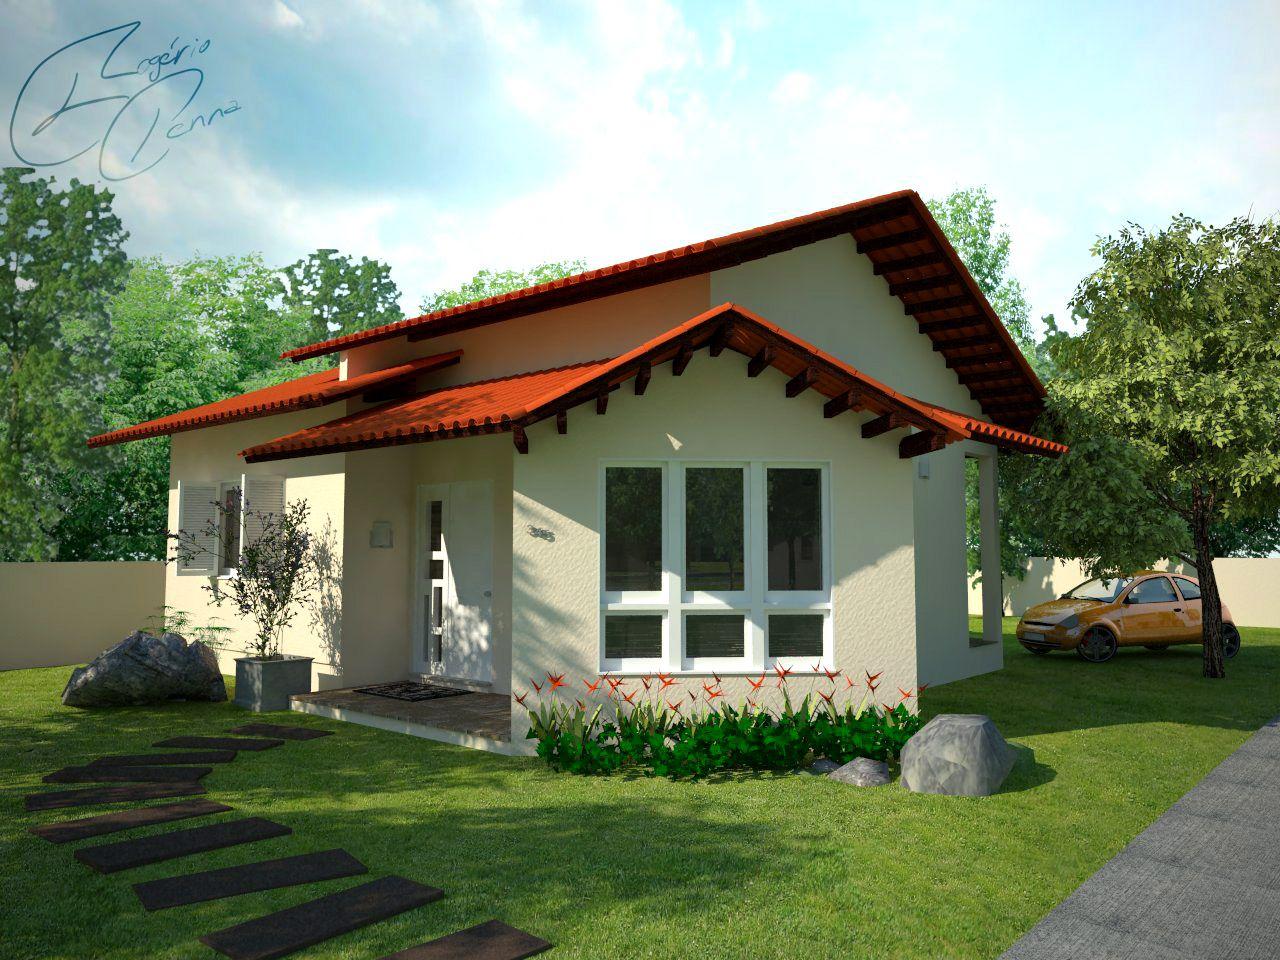 Modelos de casas modernas fotos de casas modernas for Interior de casas modernas